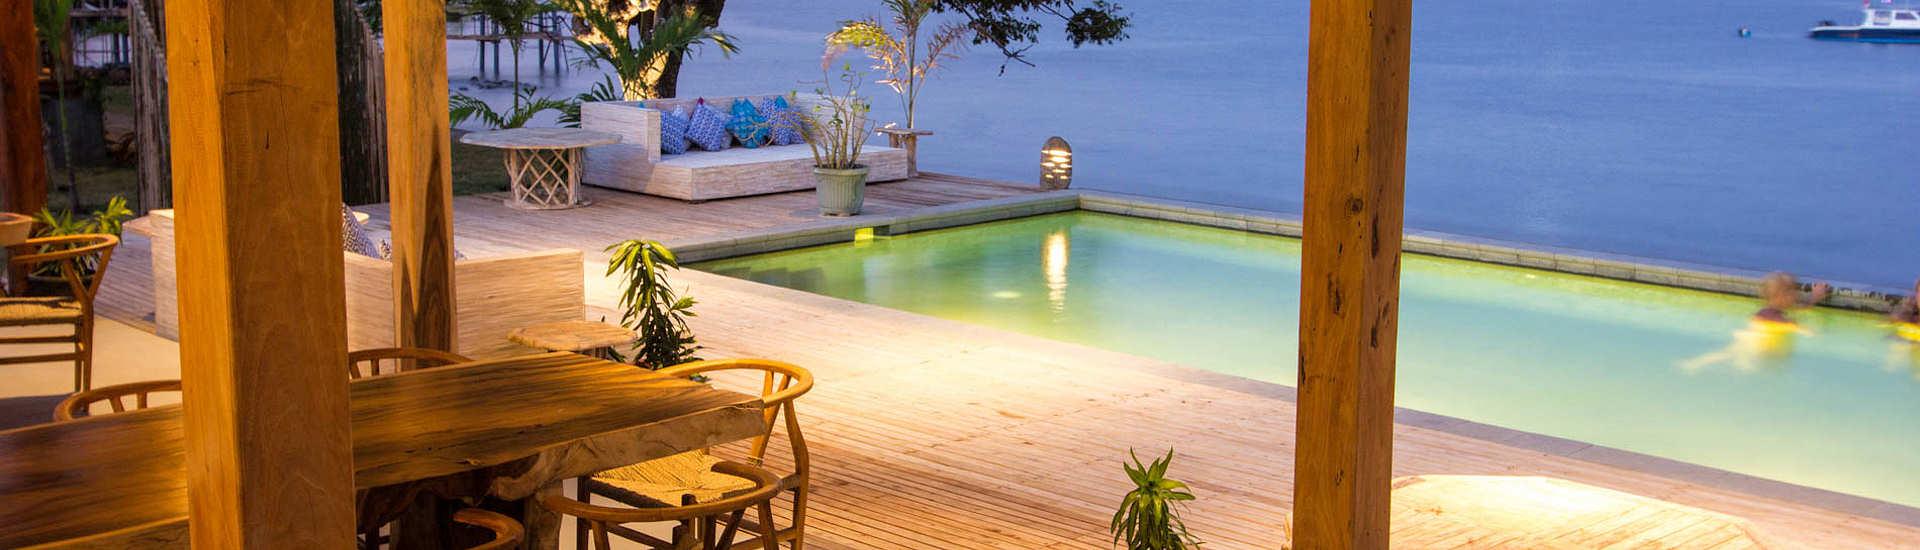 Aufenthaltsbereich und Pool